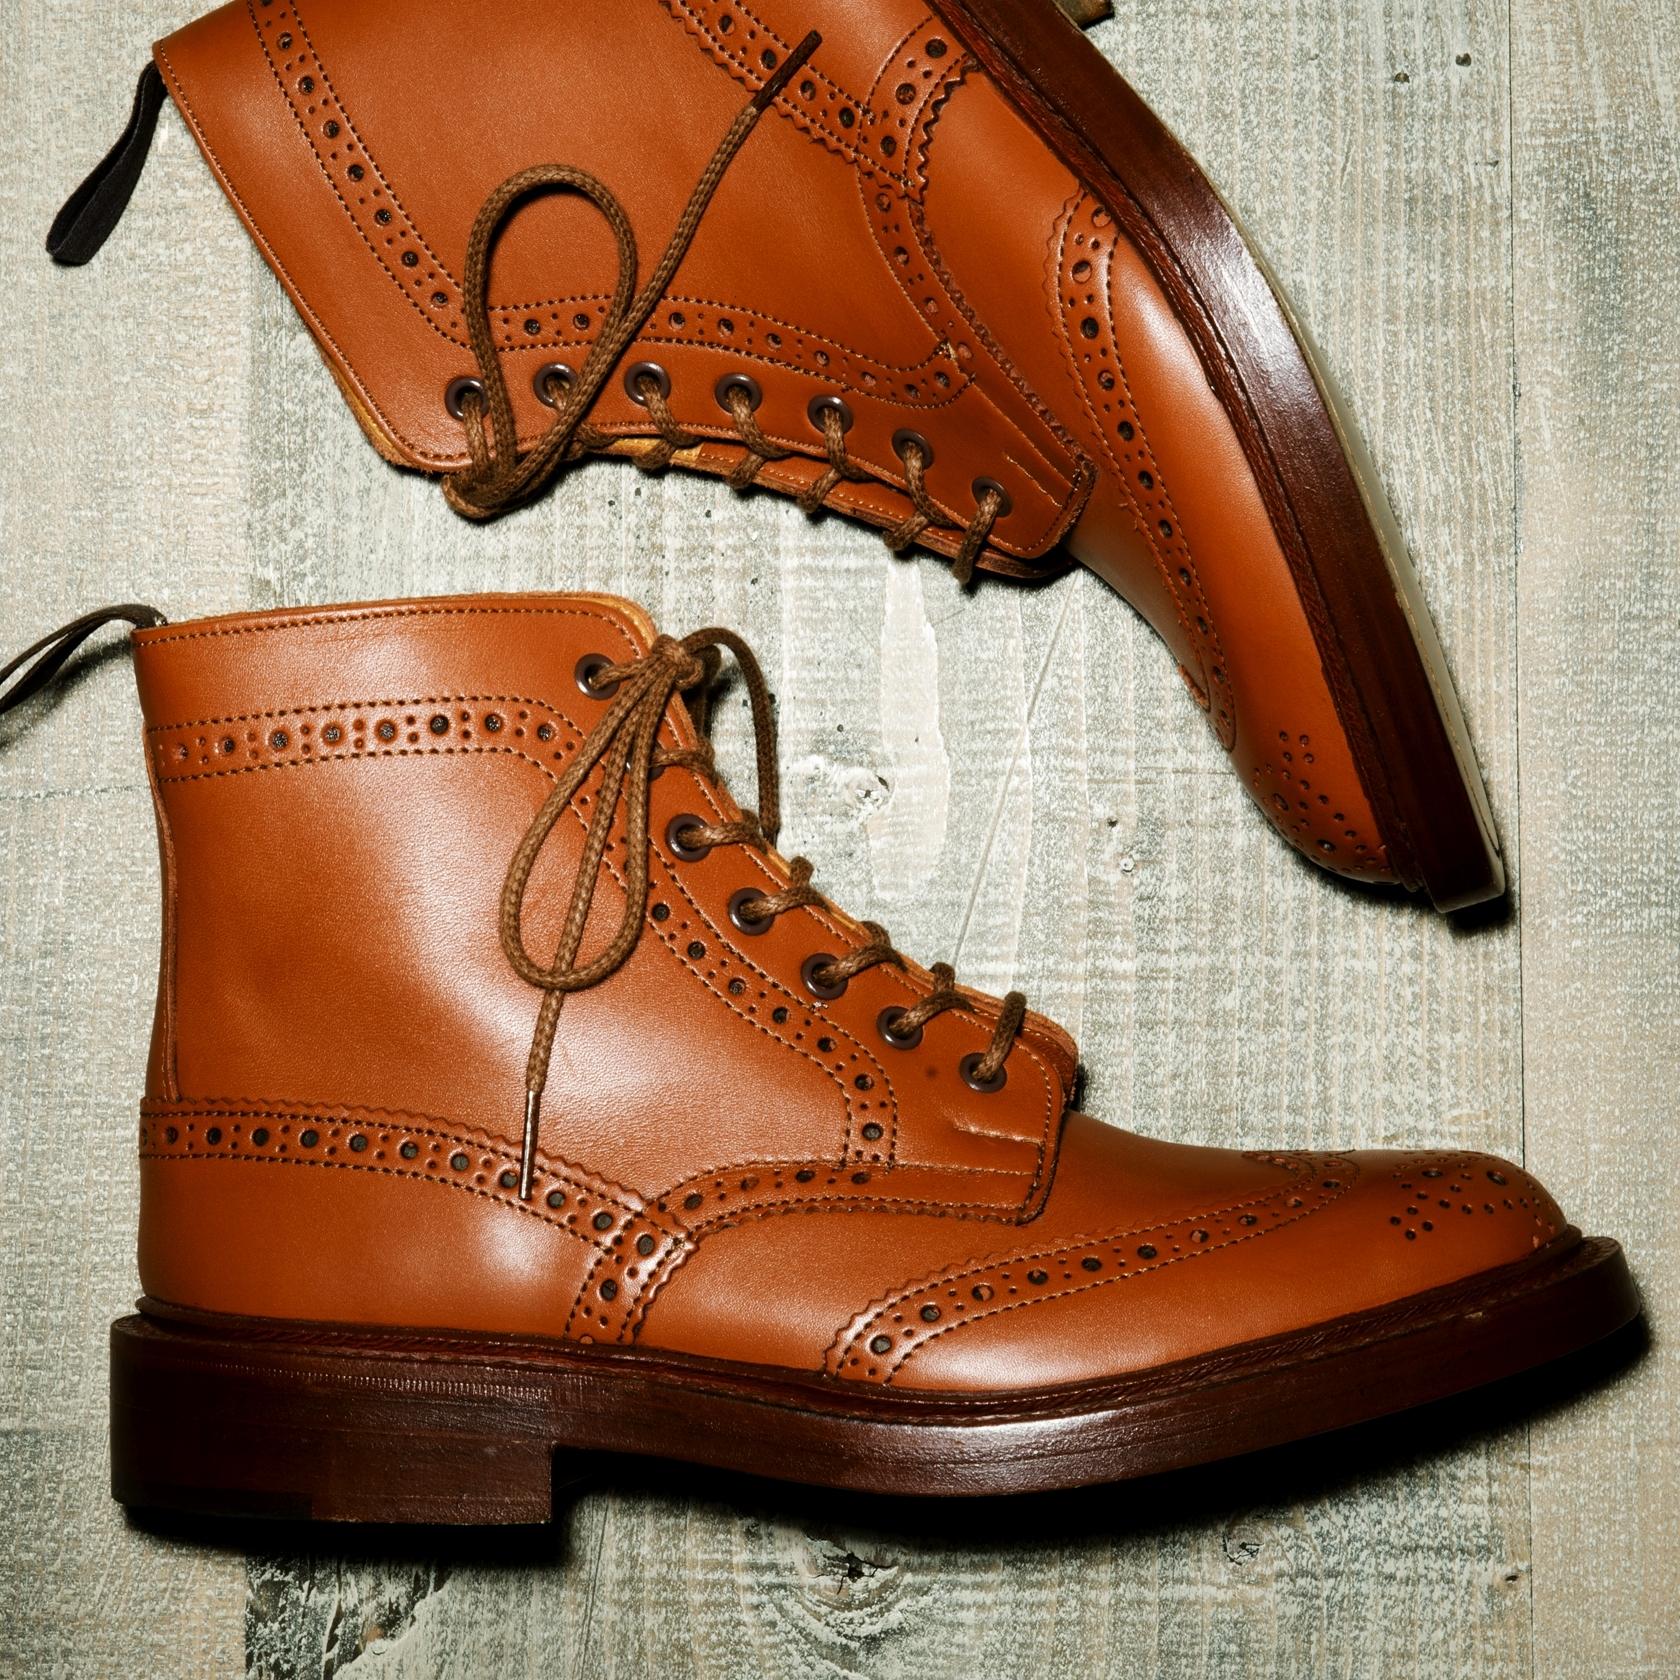 ハンドメイド・ベンチメイドで仕上げられた格式ある英国王室御用達の革靴といえば…